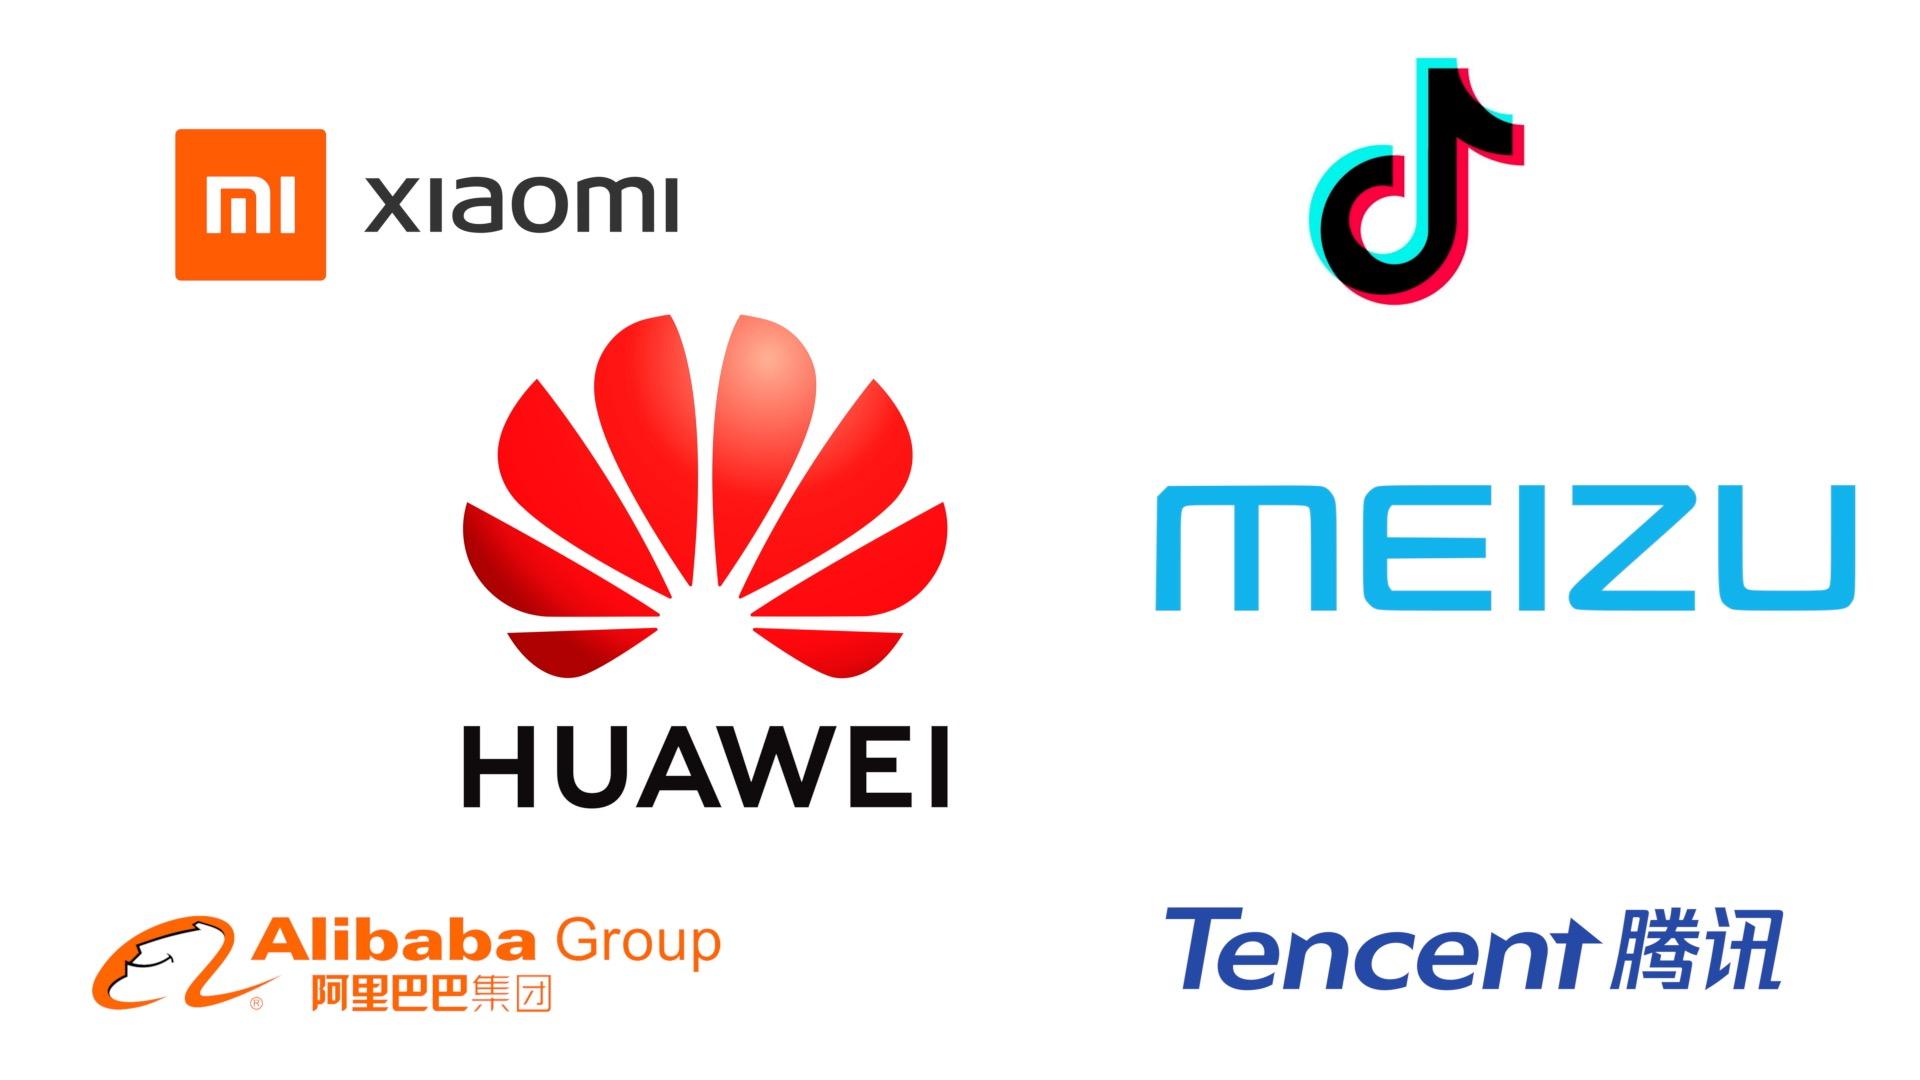 Xiaomi, Huawei и TikTok являются одними из самых влиятельных брендов в Китае, по крайней мере, согласно BrandZ - GizChina.it